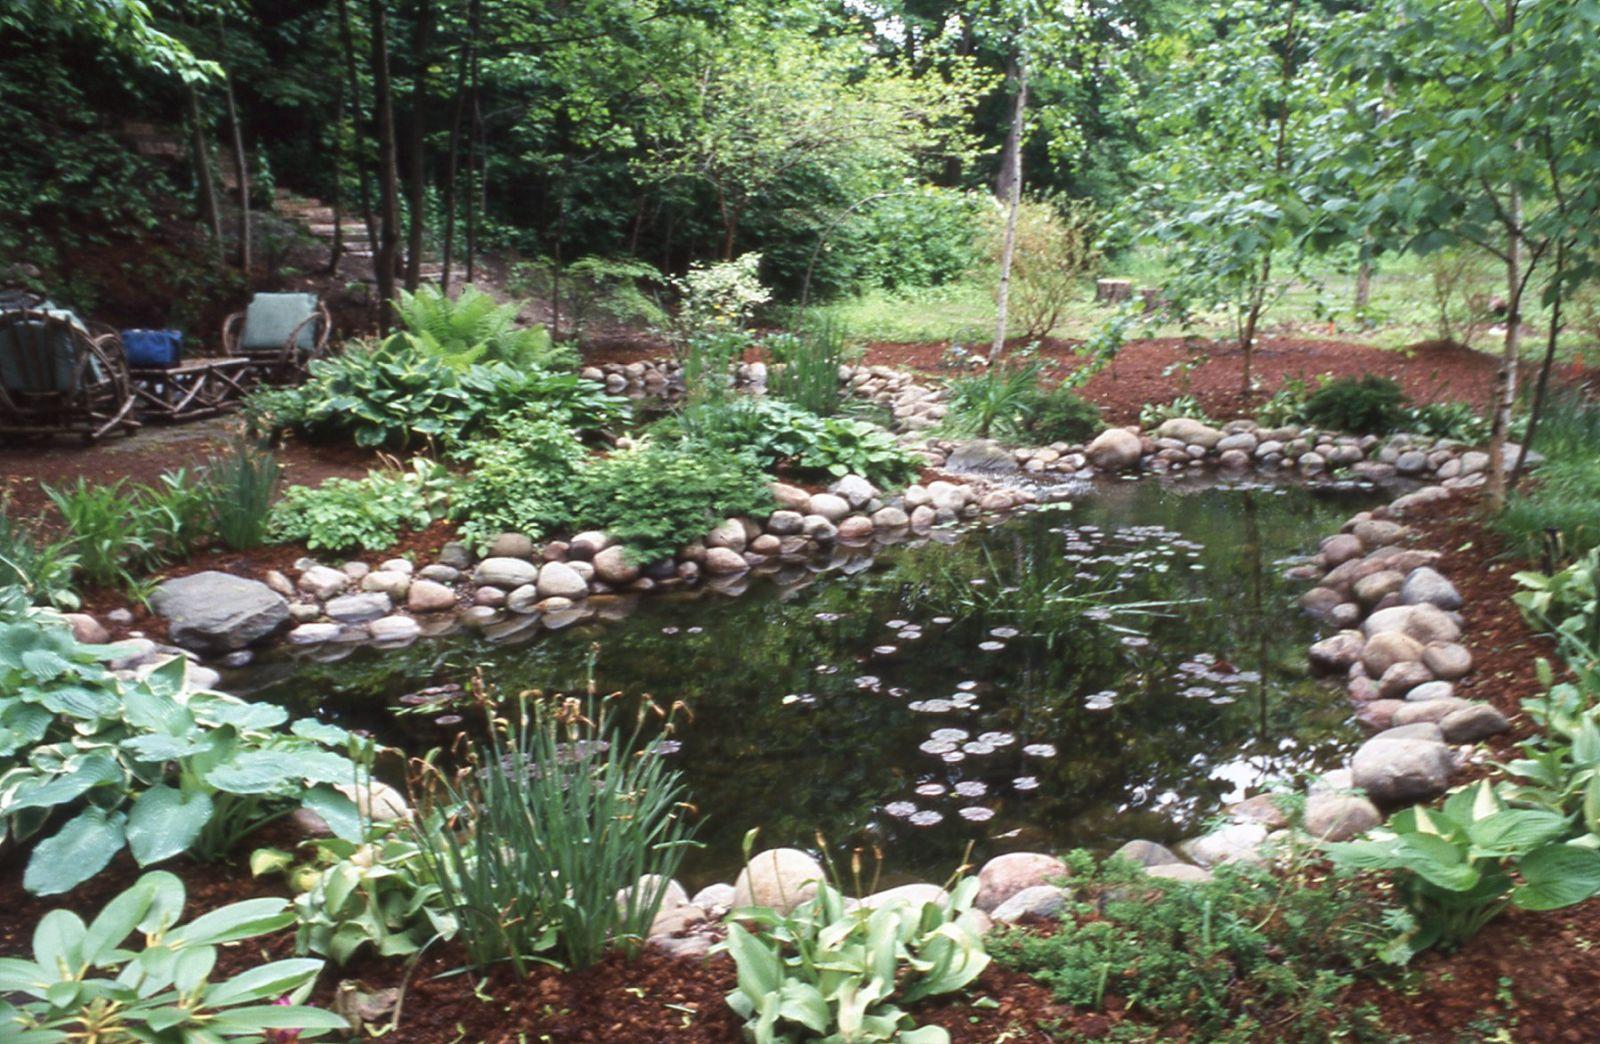 室内水池效果图_室内假山水池效果图_室内景观水池